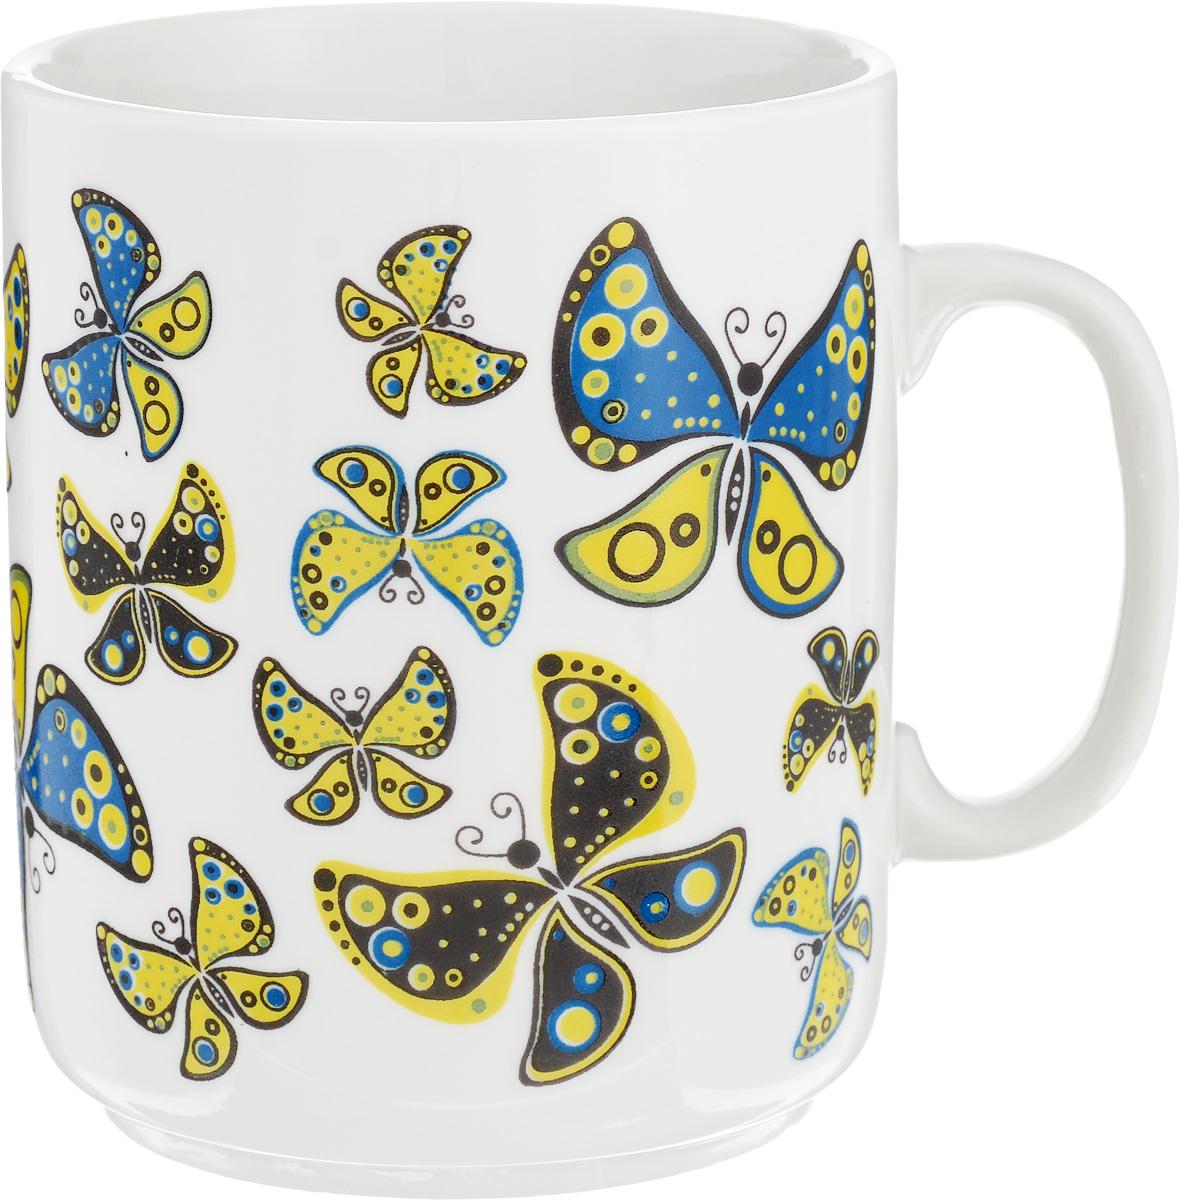 Кружка Фарфор Вербилок Солнечные бабочки, 300 мл9273950Красивая кружка Фарфор Вербилок Солнечные бабочки способна скрасить любое чаепитие. Изделие выполнено из высококачественного фарфора. Посуда из такого материала позволяет сохранить истинный вкус напитка, а также помогает ему дольше оставаться теплым.Диаметр по верхнему краю: 7,5 см.